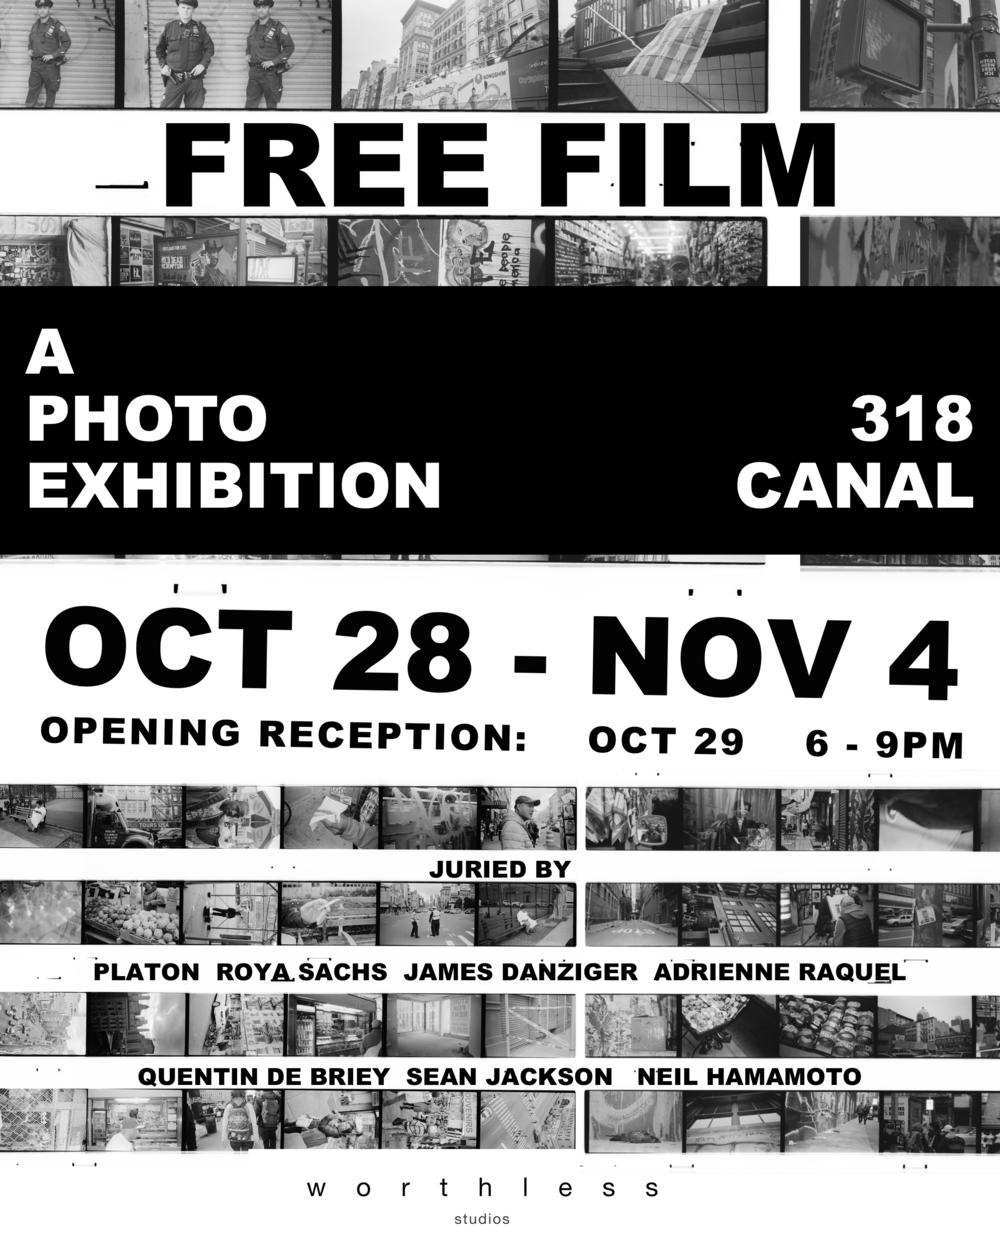 free film, 2018